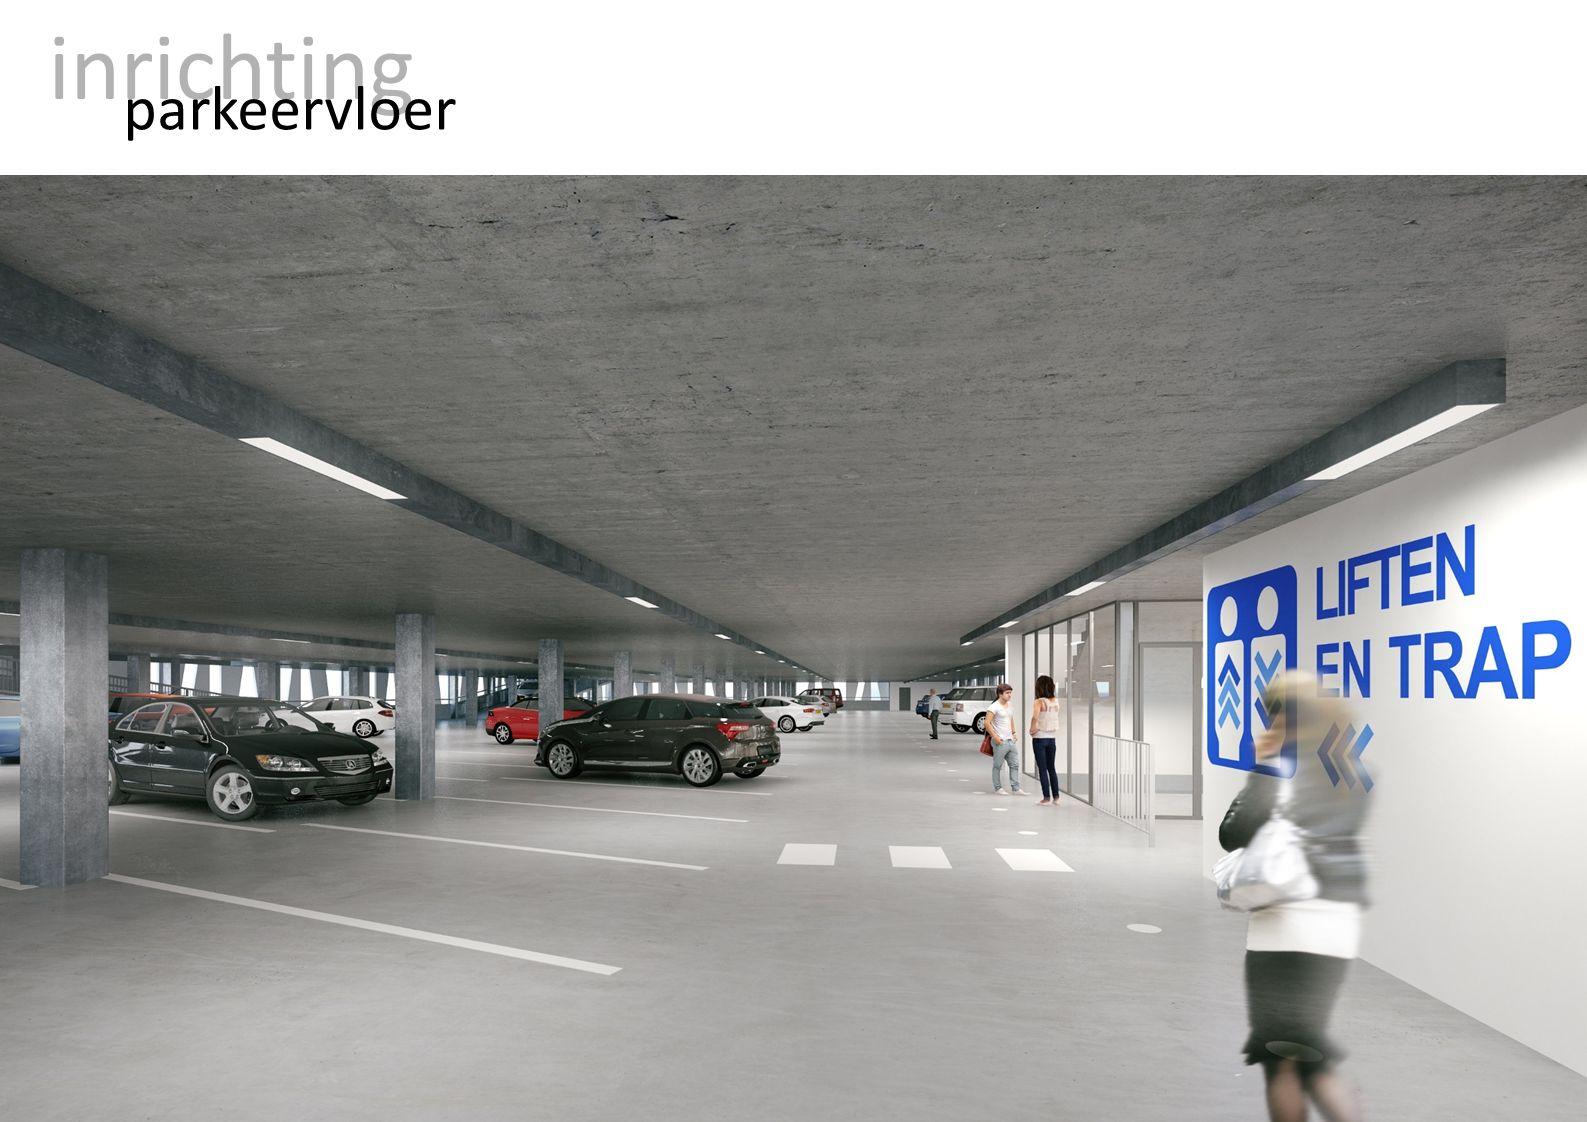 inrichting parkeervloer